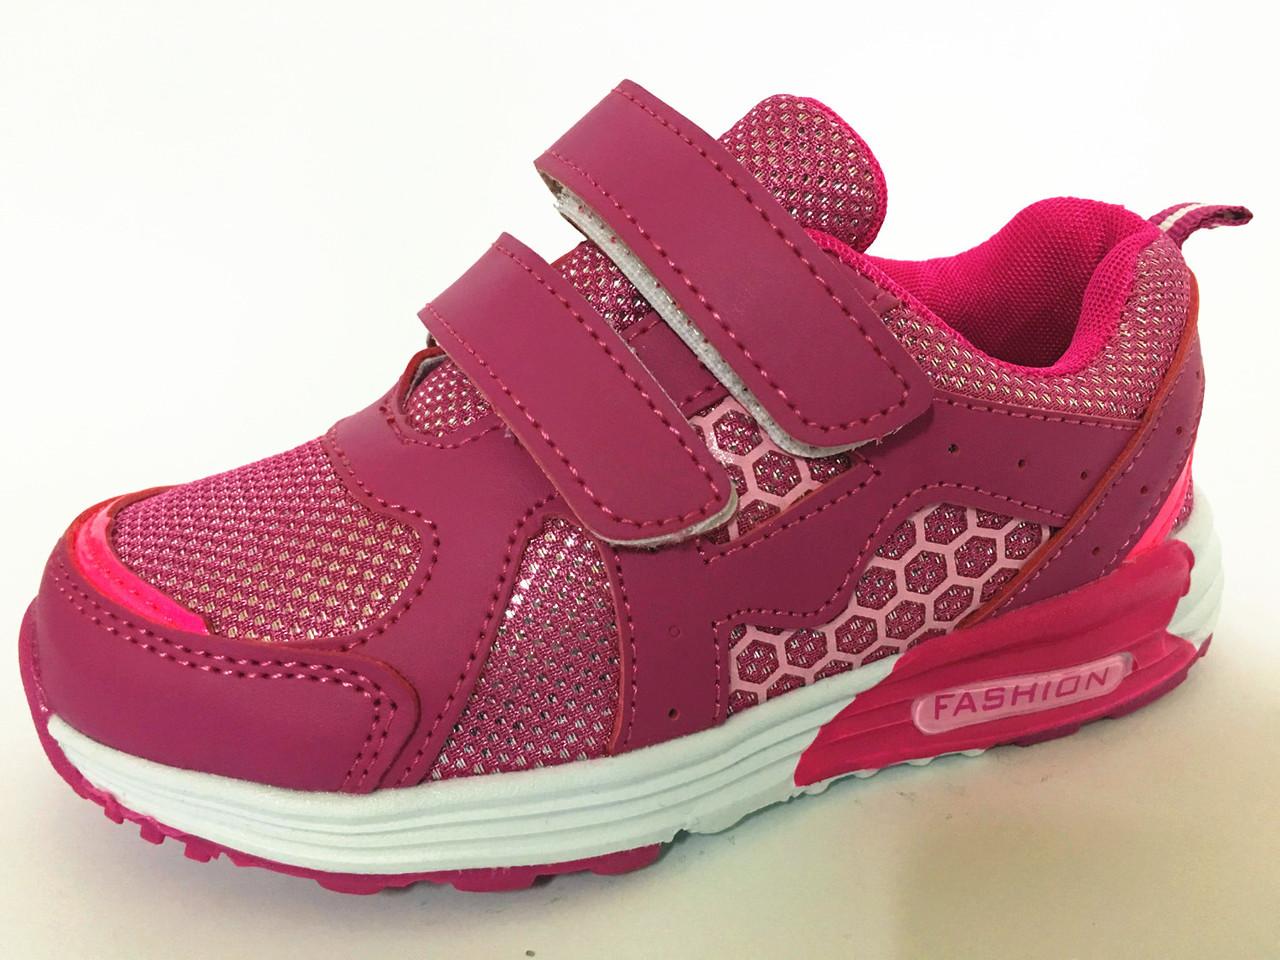 Кросовки легкие удобные для девочки, розовые, кожаная стелька, супинатор, TOM.M, размер 27-31